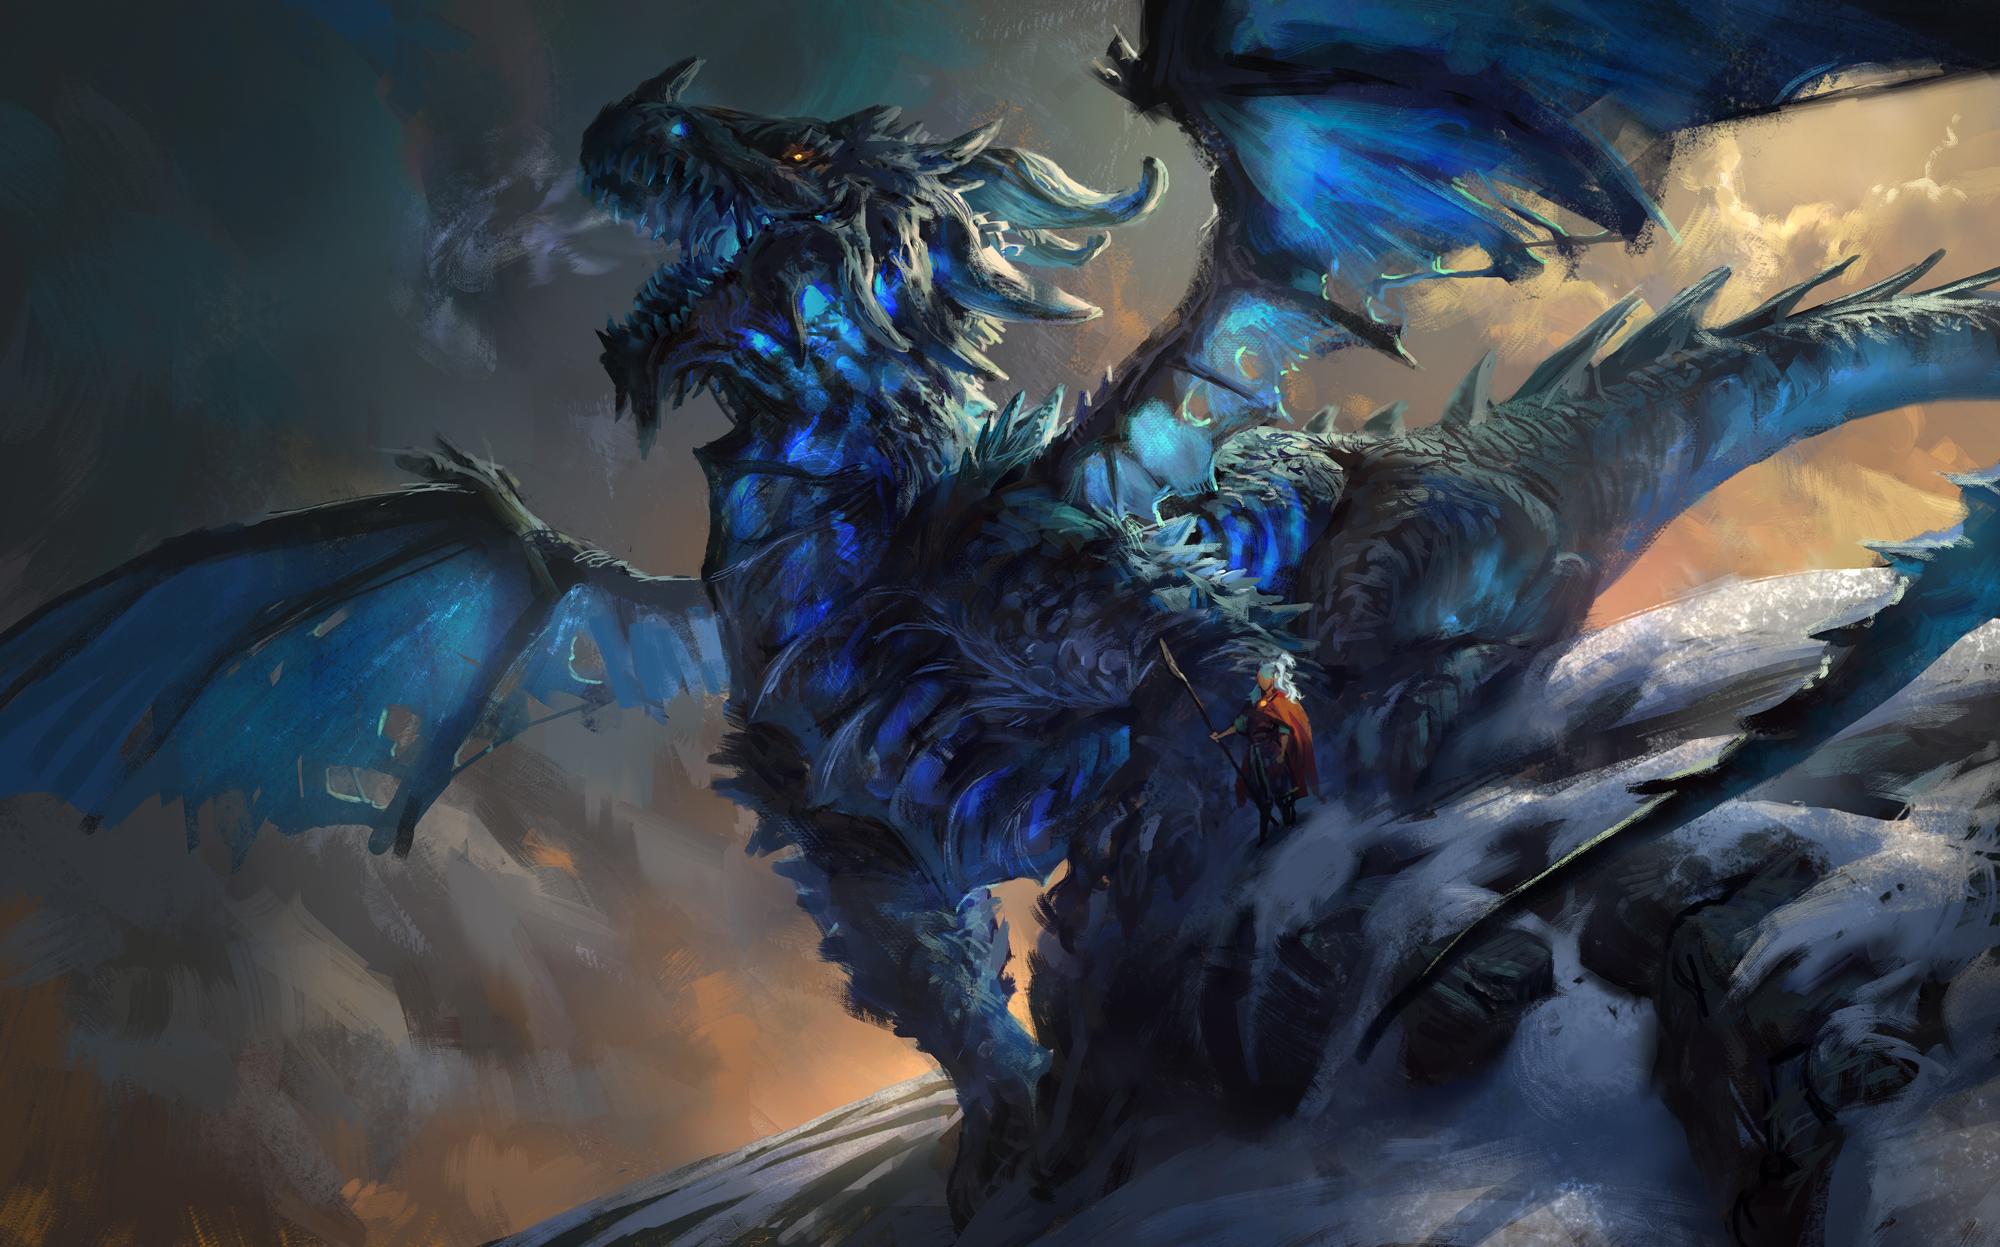 giant giant fire dragon vs ice dragon - photo #2